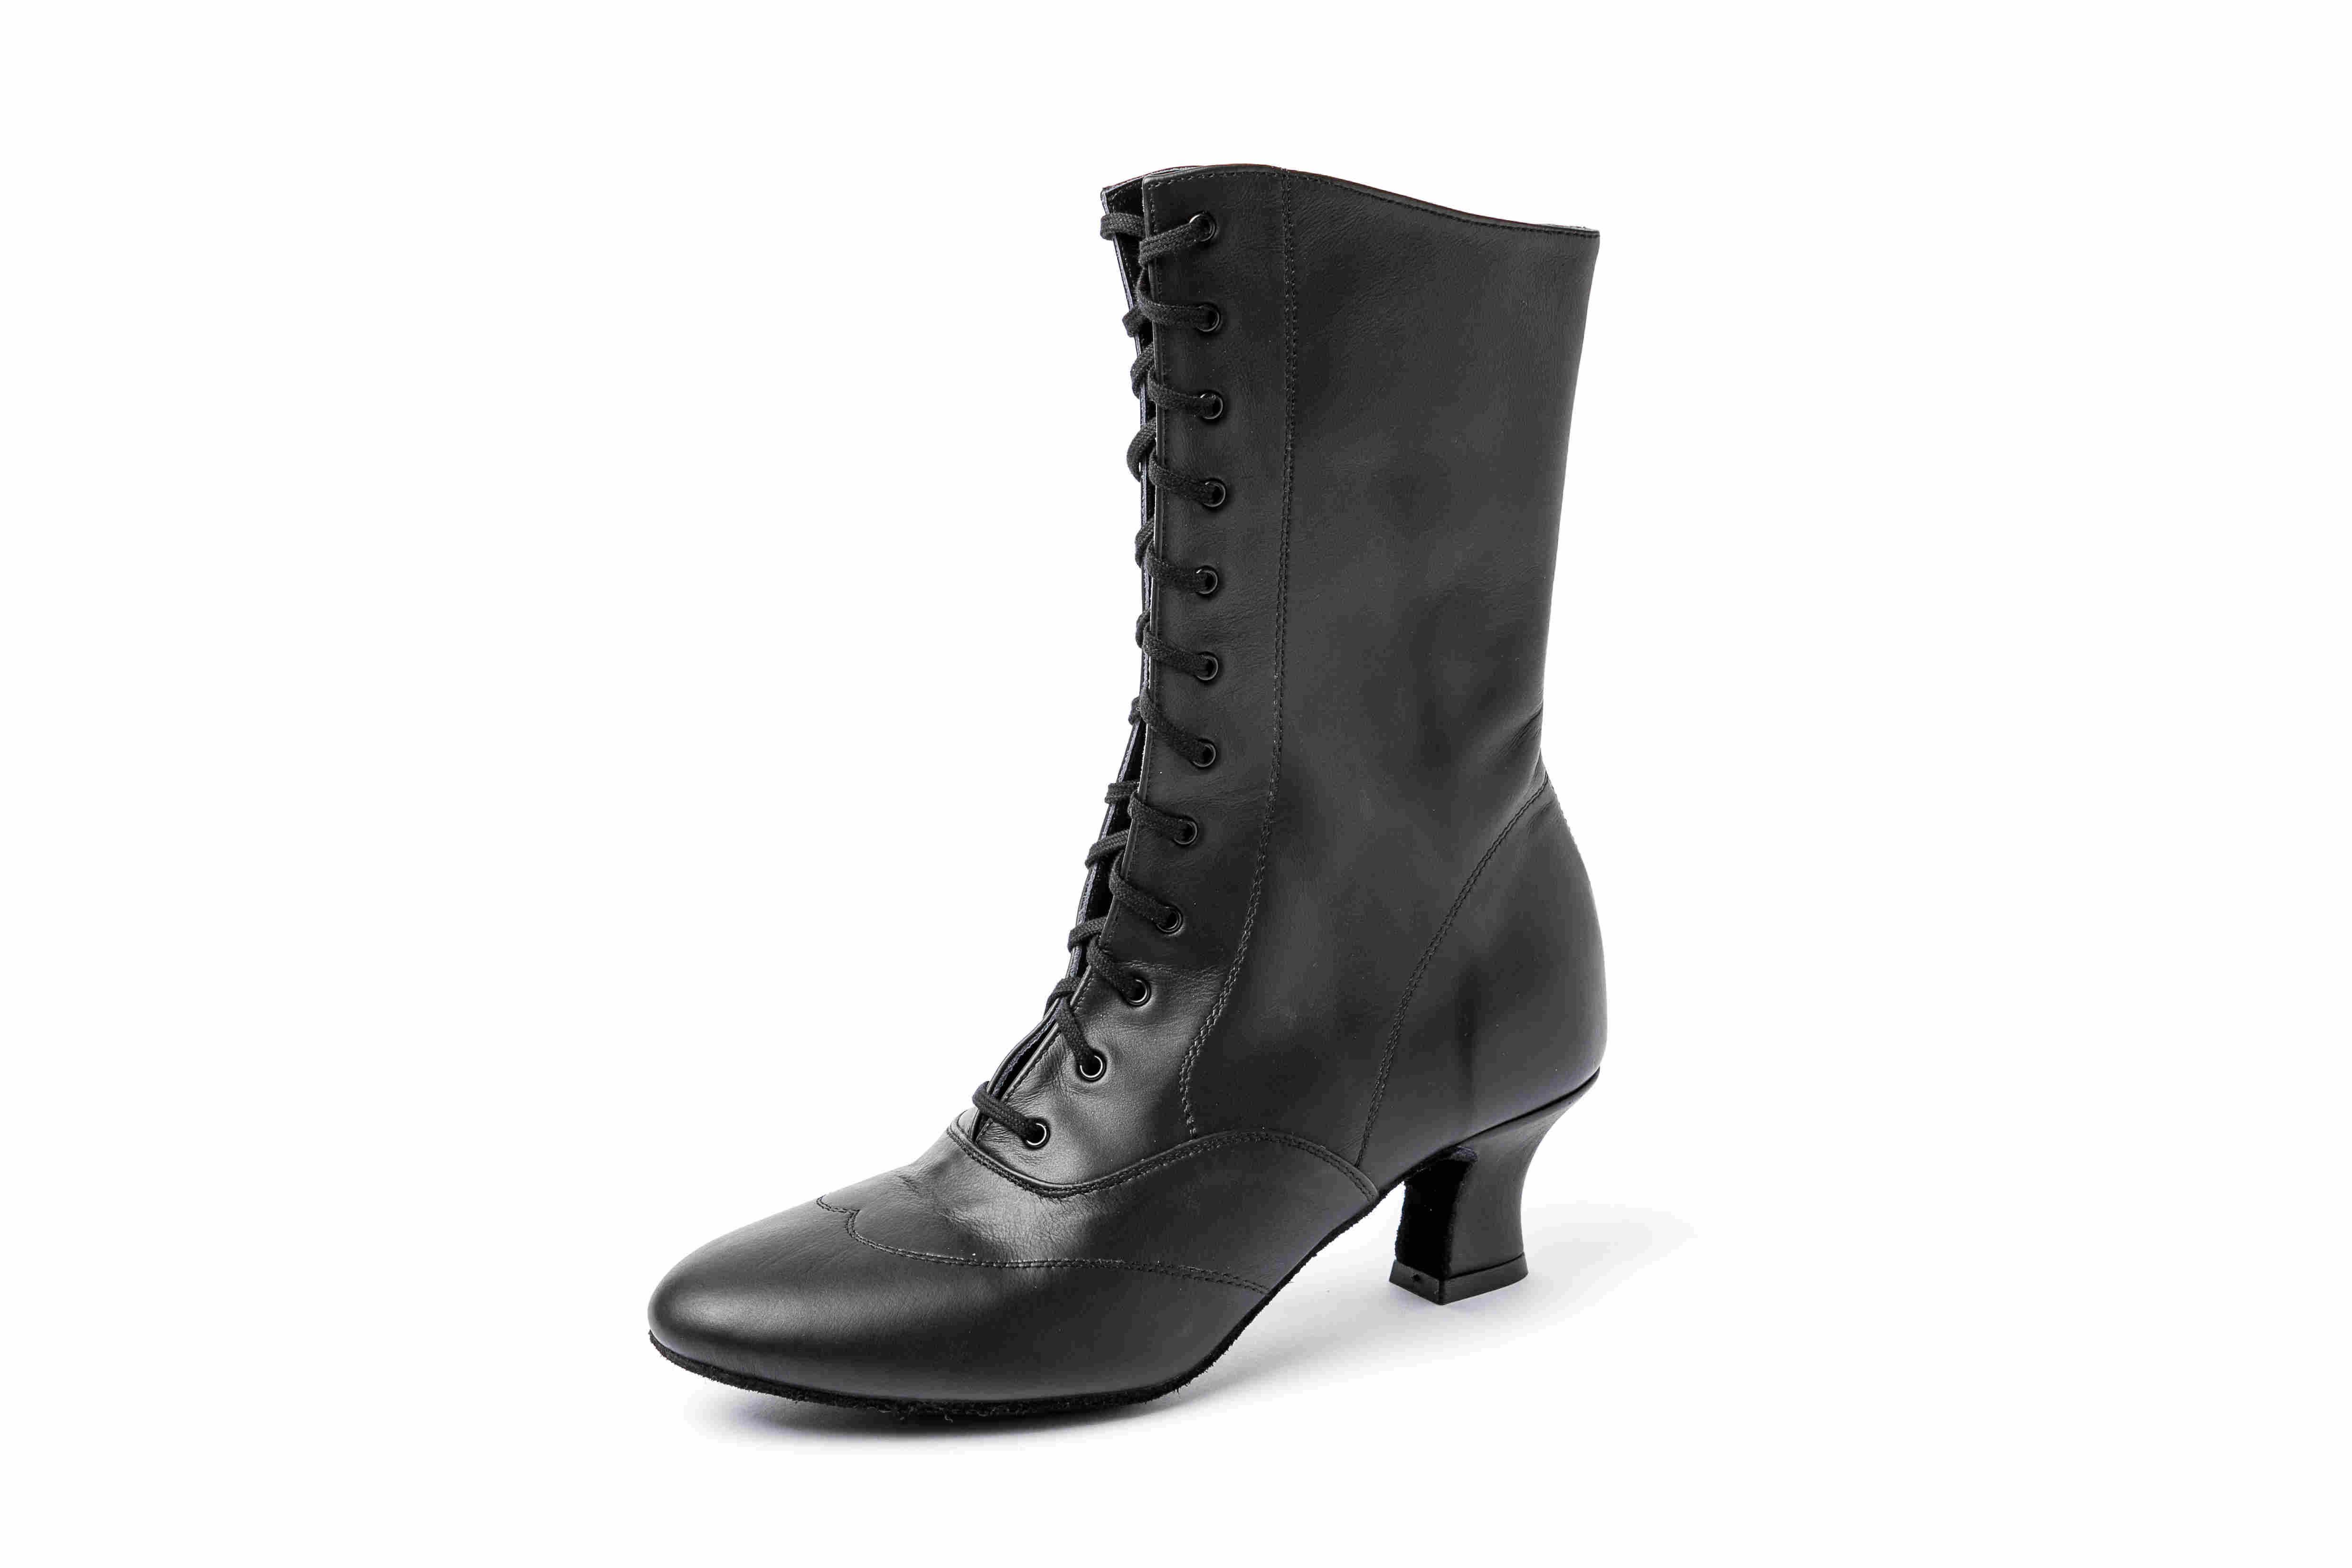 Harr Damenschnürstiefelette mit Ziernaht schwarz 625-111-120 schwarz